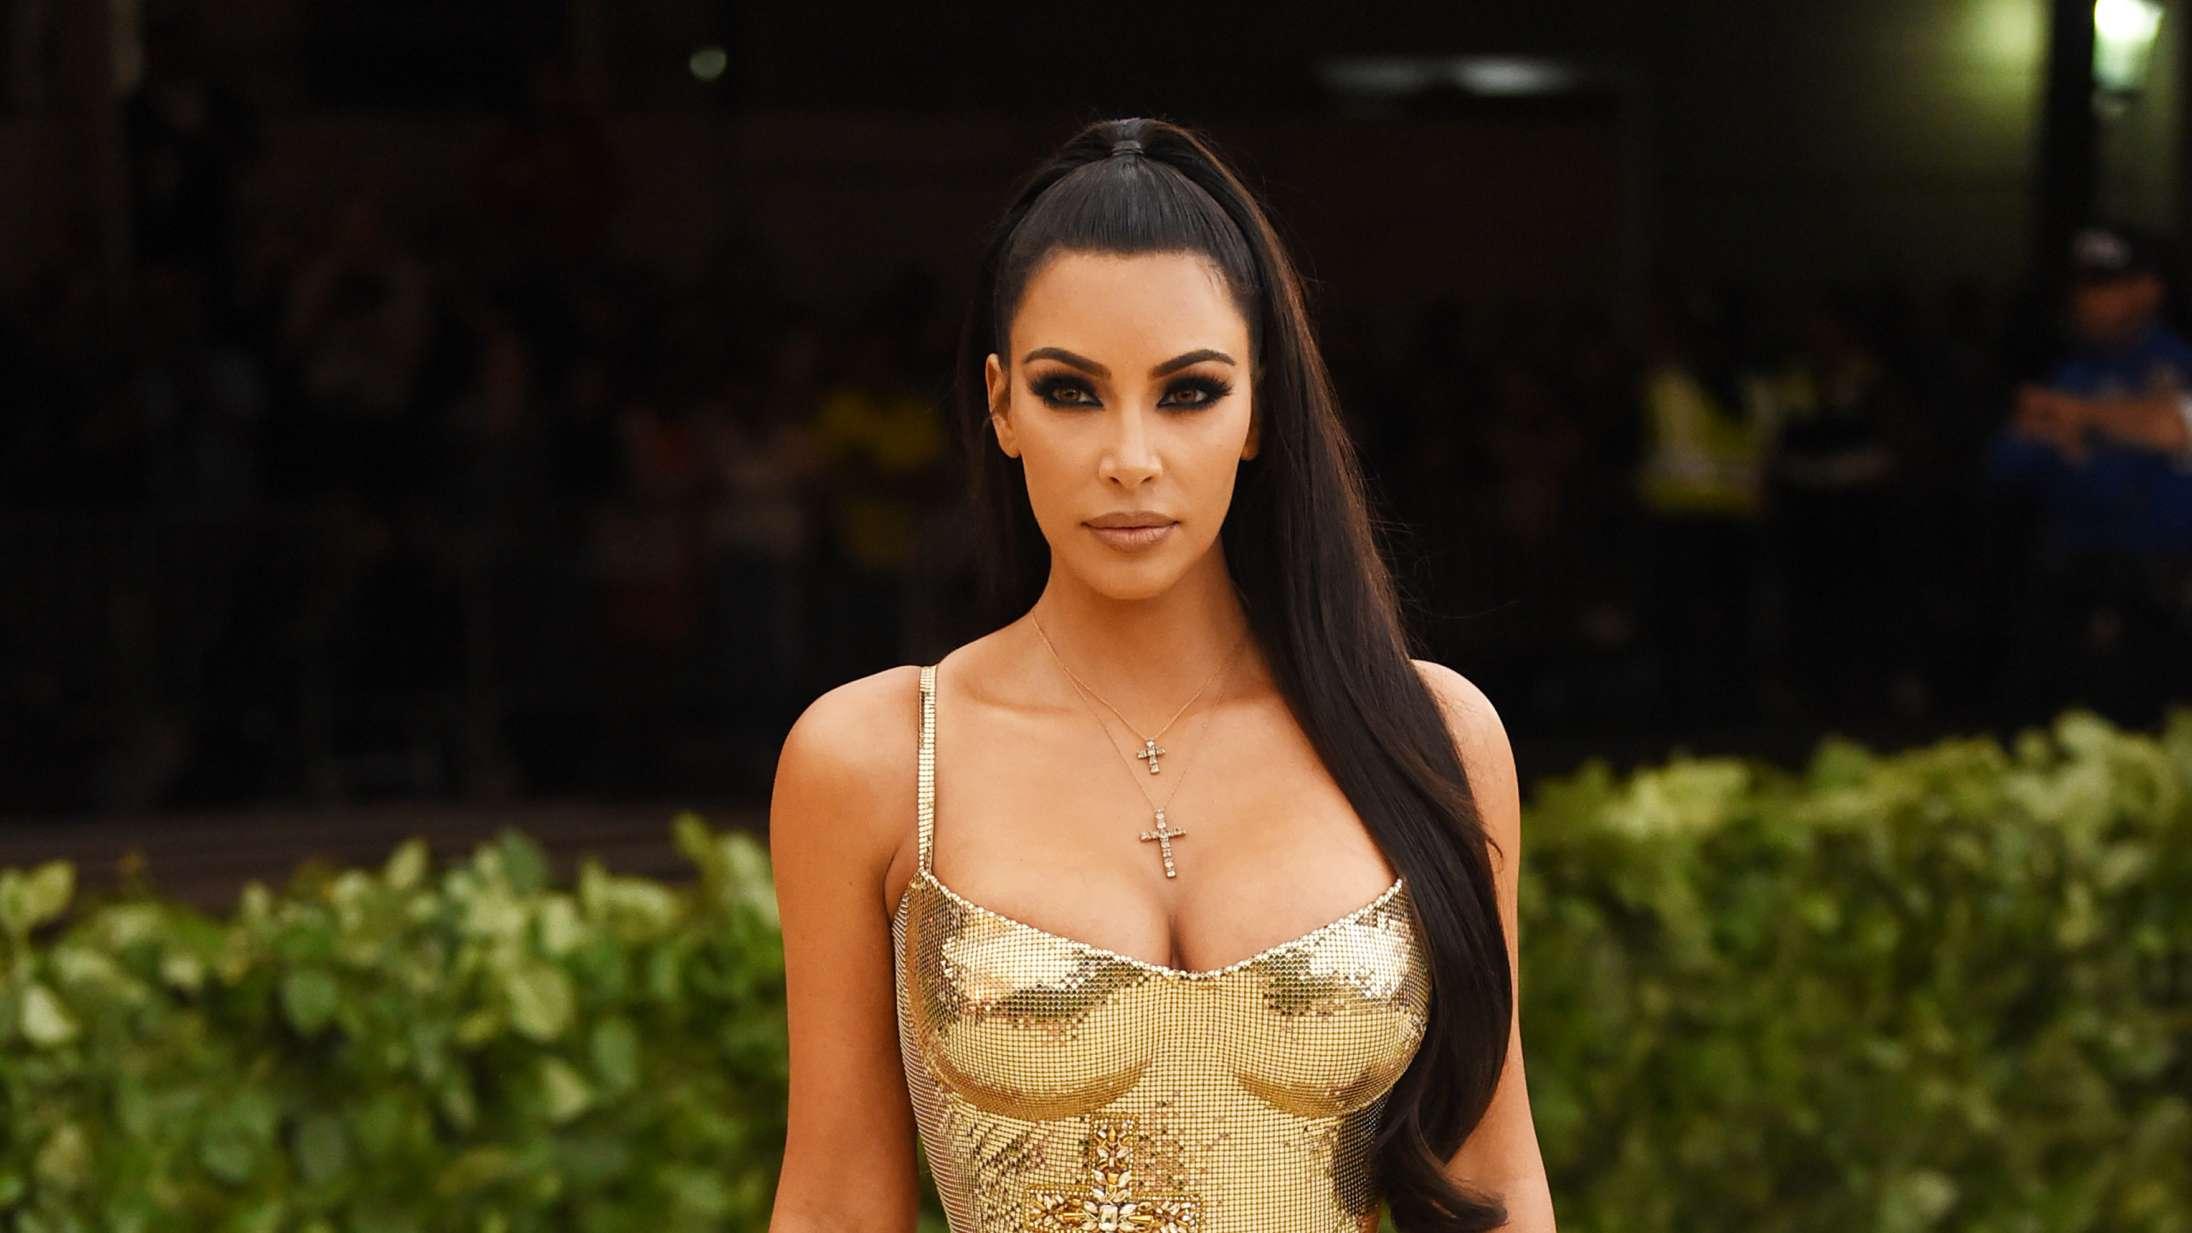 De riges coronaliv: Kim Kardashian leverer ugens meme med tonedøv luksusfest på privat ø